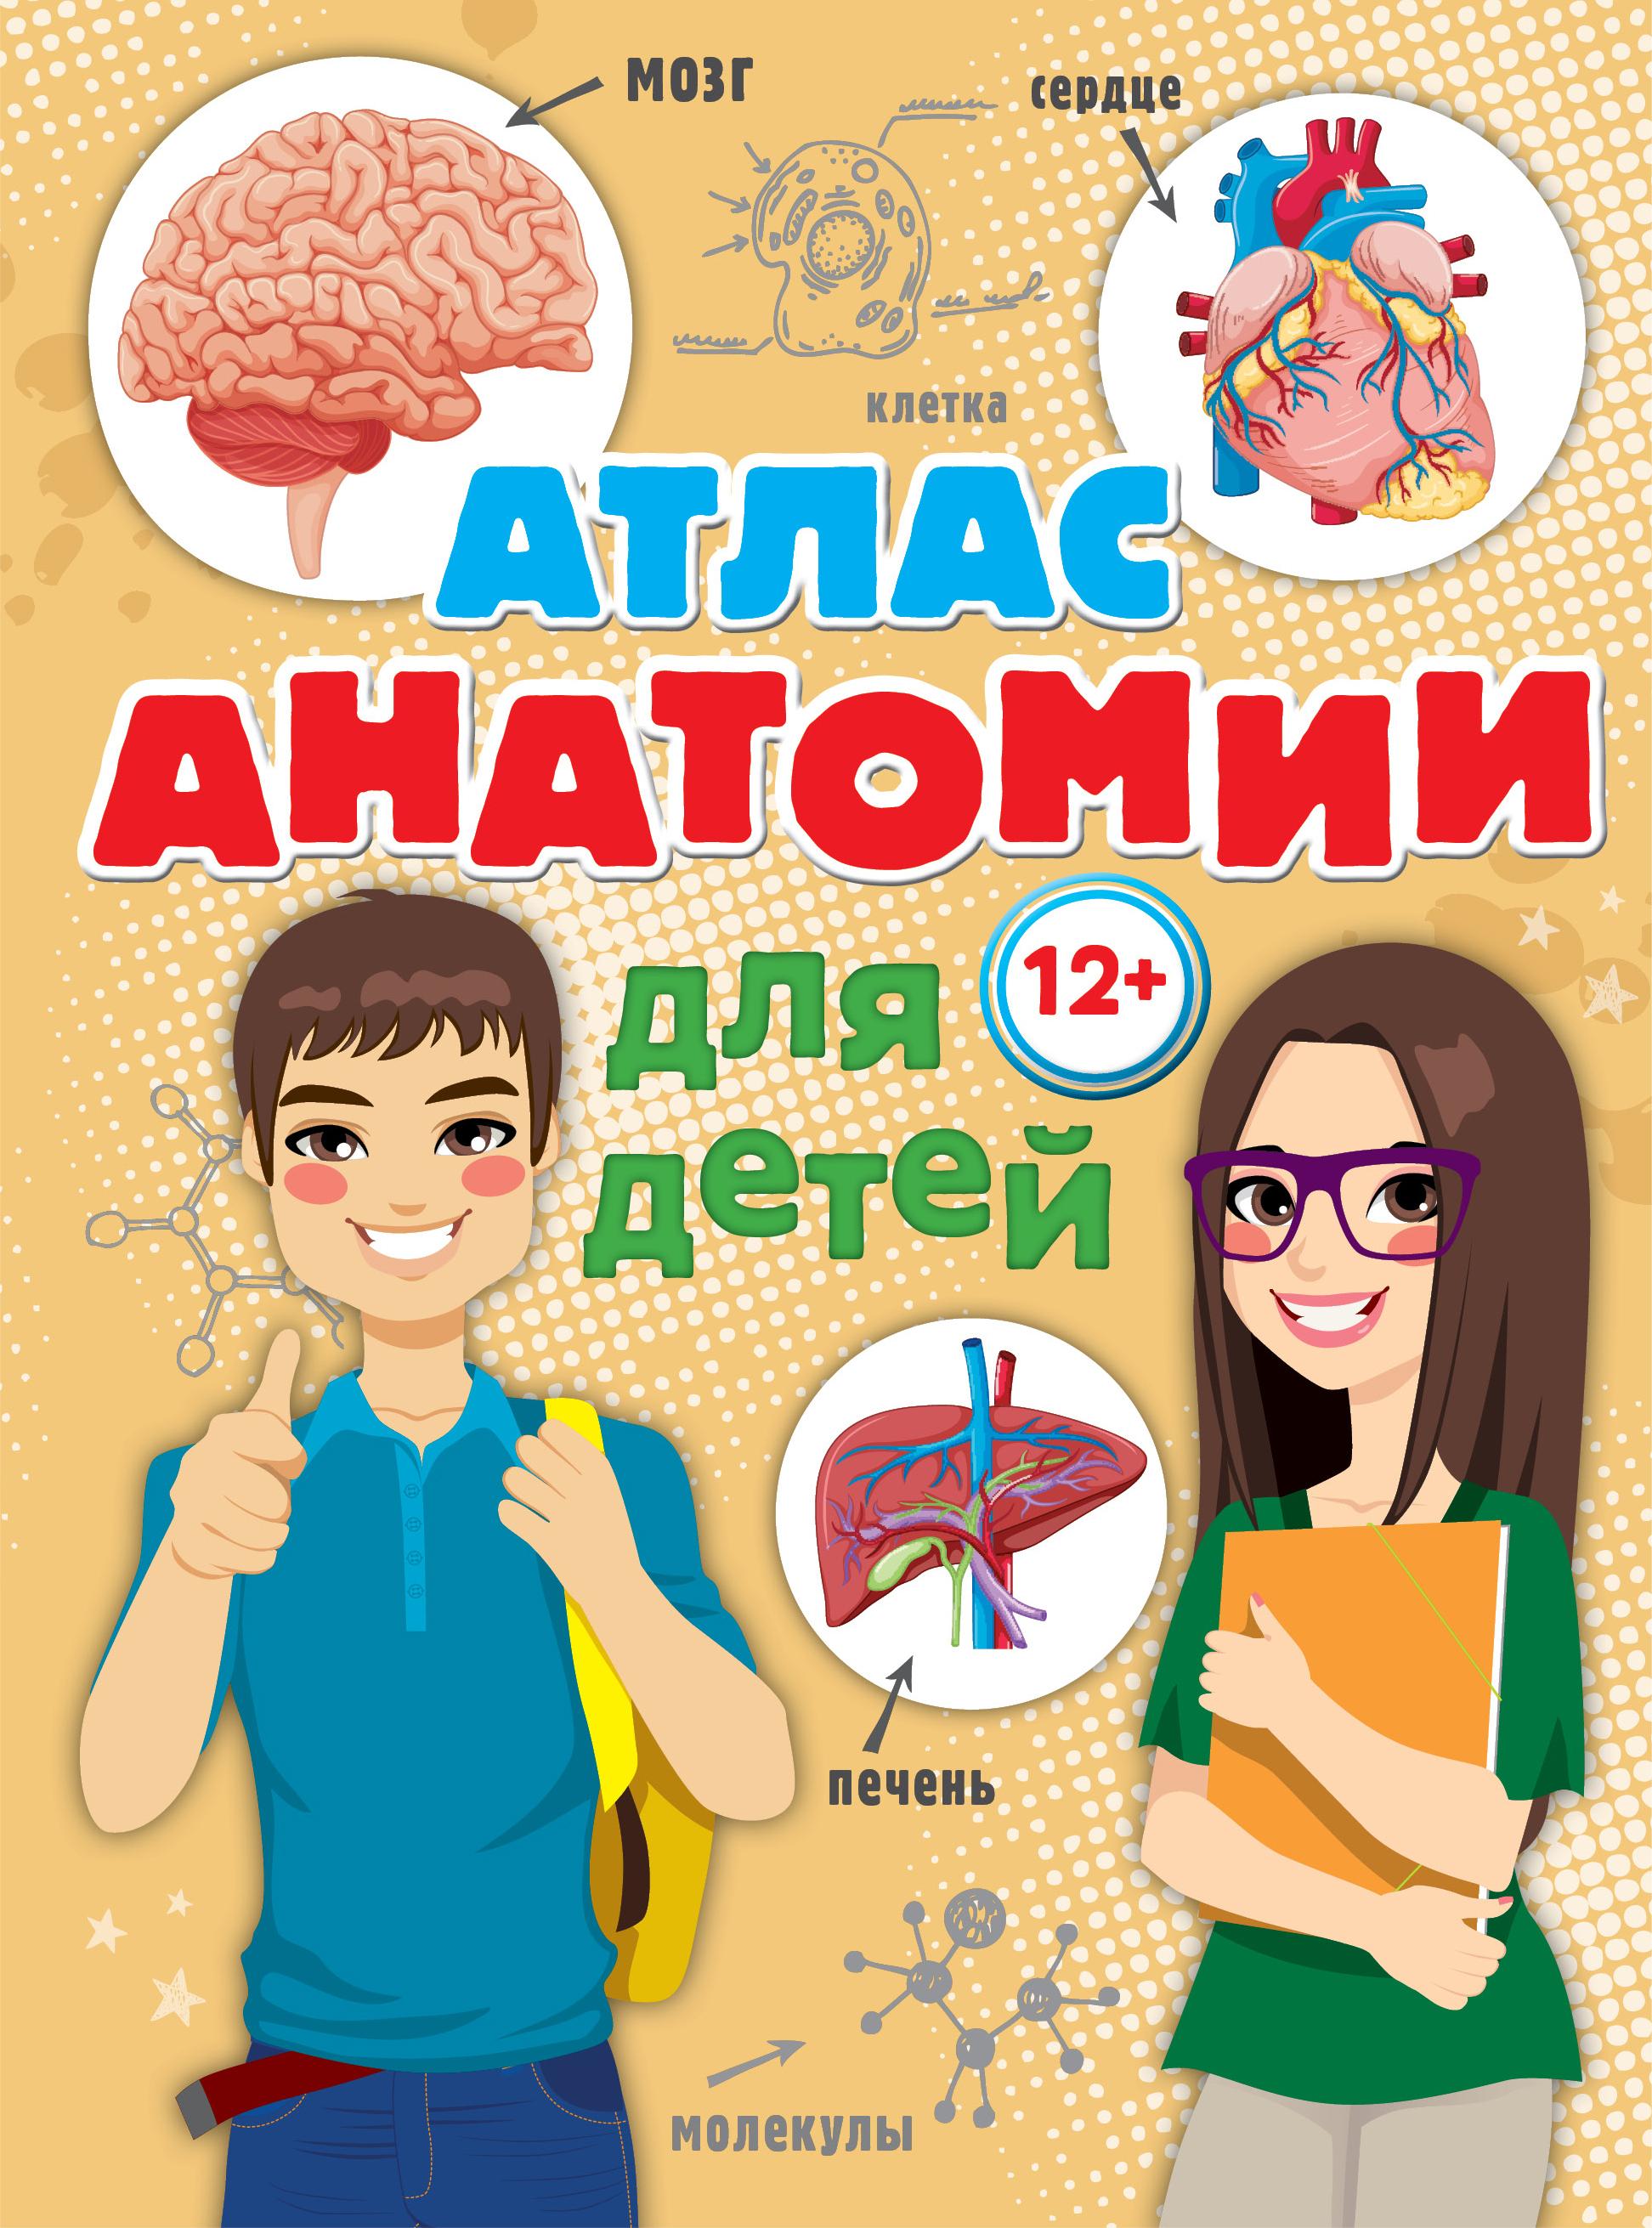 Атлас анатомии для детей ( Швырев А.А.  )